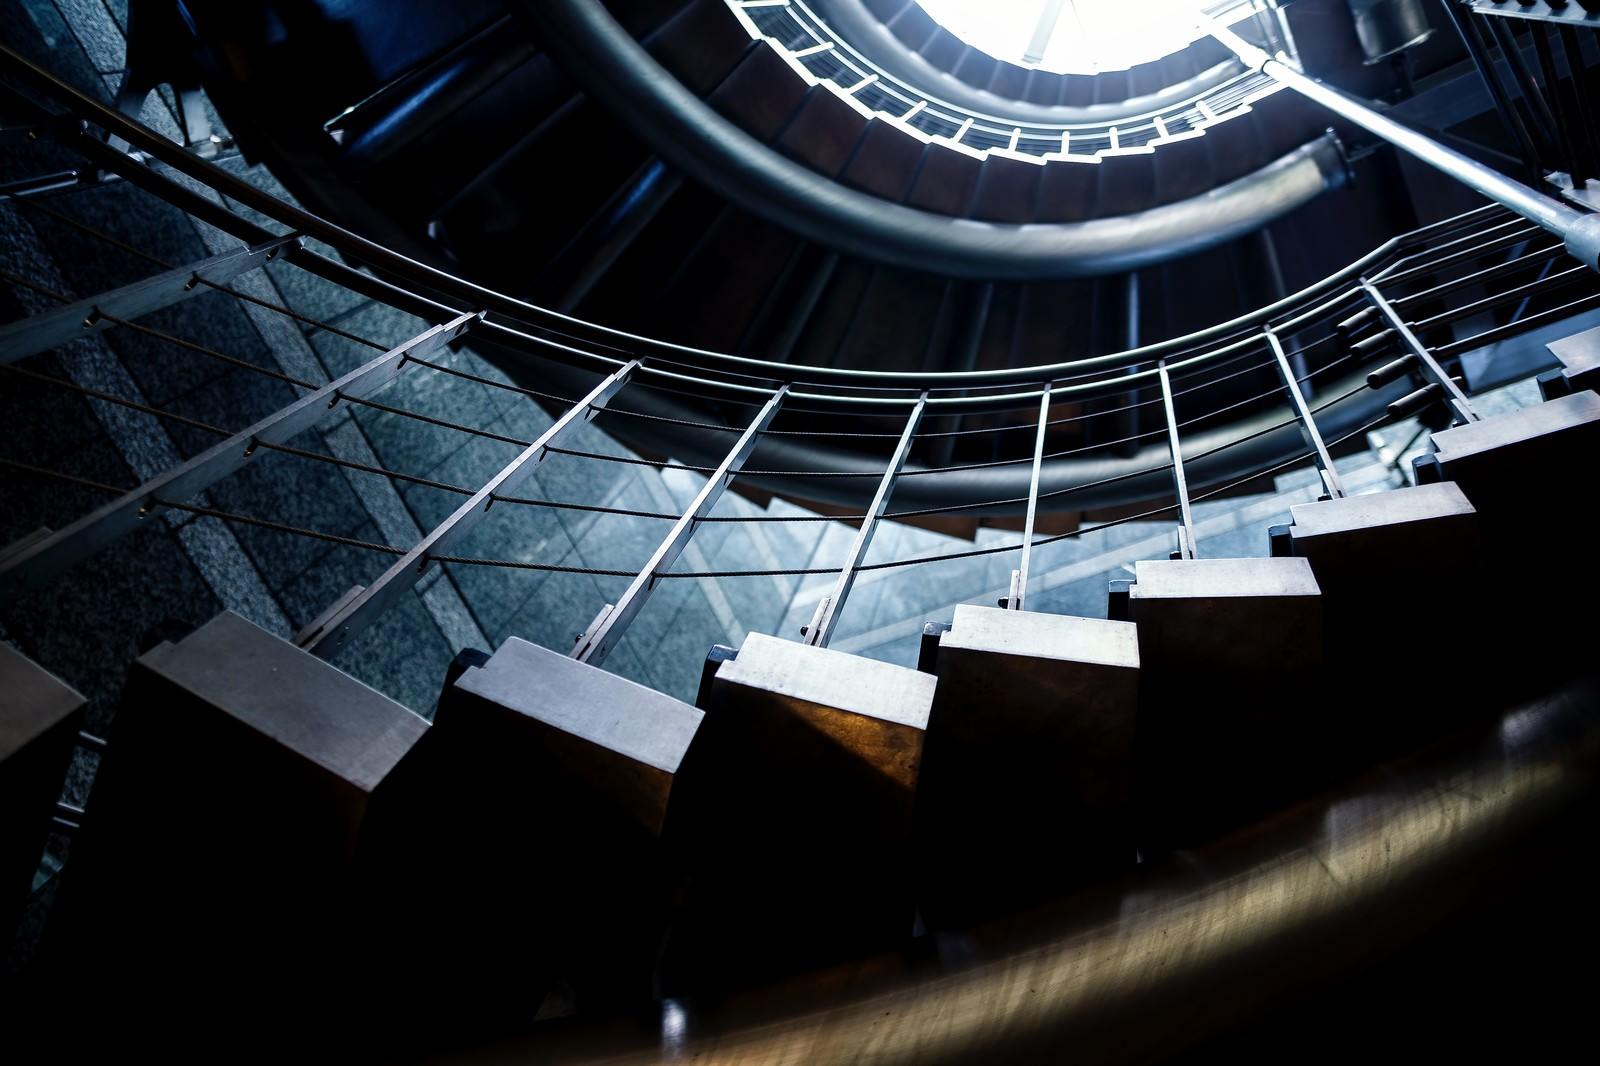 「螺旋階段」の写真